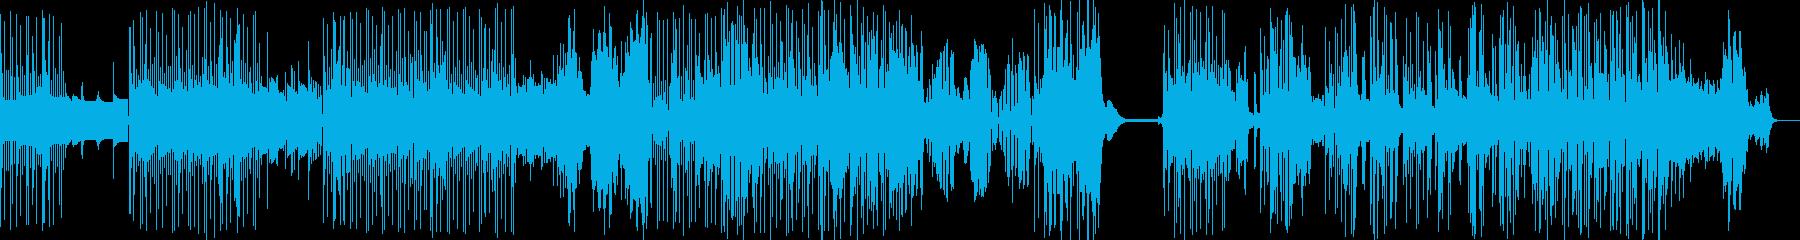 ゆったりと揺れるカリンバ・ダブの再生済みの波形